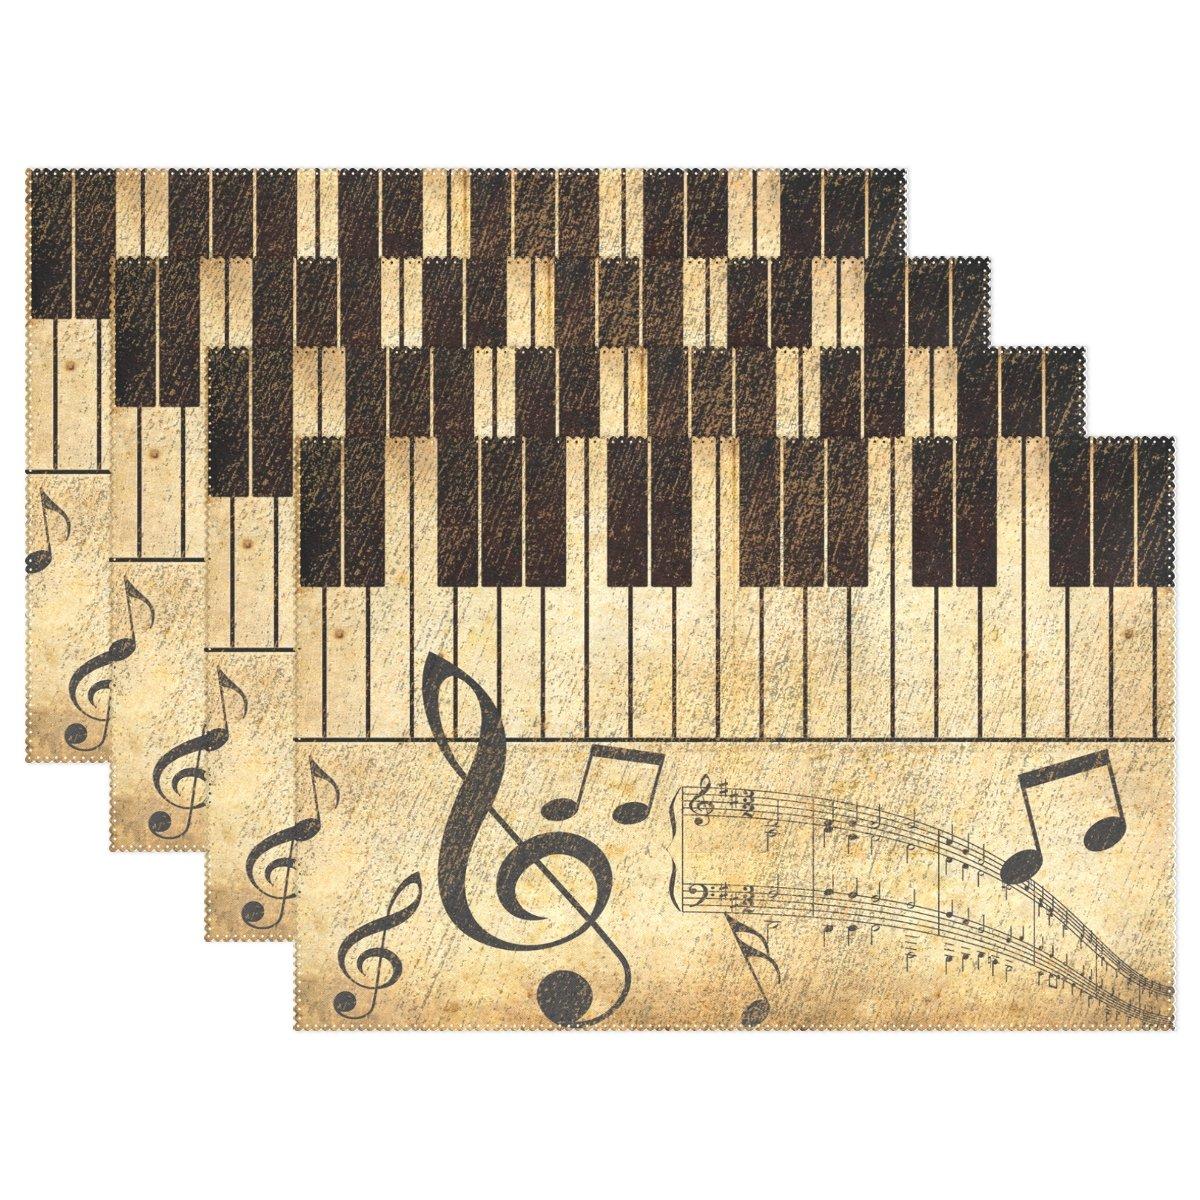 naanle Vintage Music Note and Piano Keys音楽スコアプレースマットのセット1 / 4 / 6 Washableテーブルマットキッチンダイニングテーブルfor 12 x 18インチPlaceマット 1075529p145c160s239 4 マルチカラー B0749HWY5L